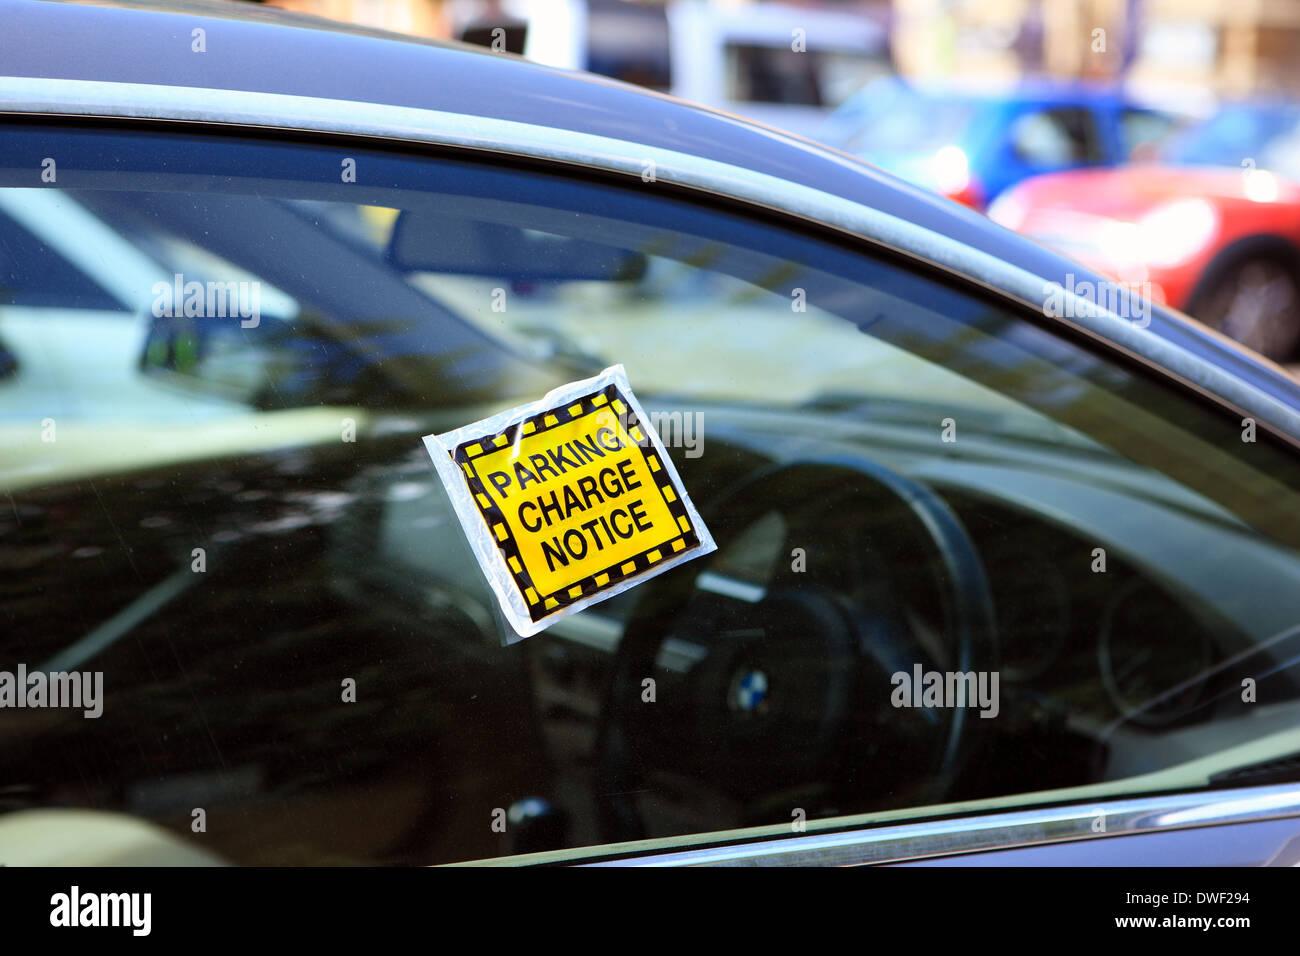 Aparcamiento aviso de carga en una ventana de coche Imagen De Stock